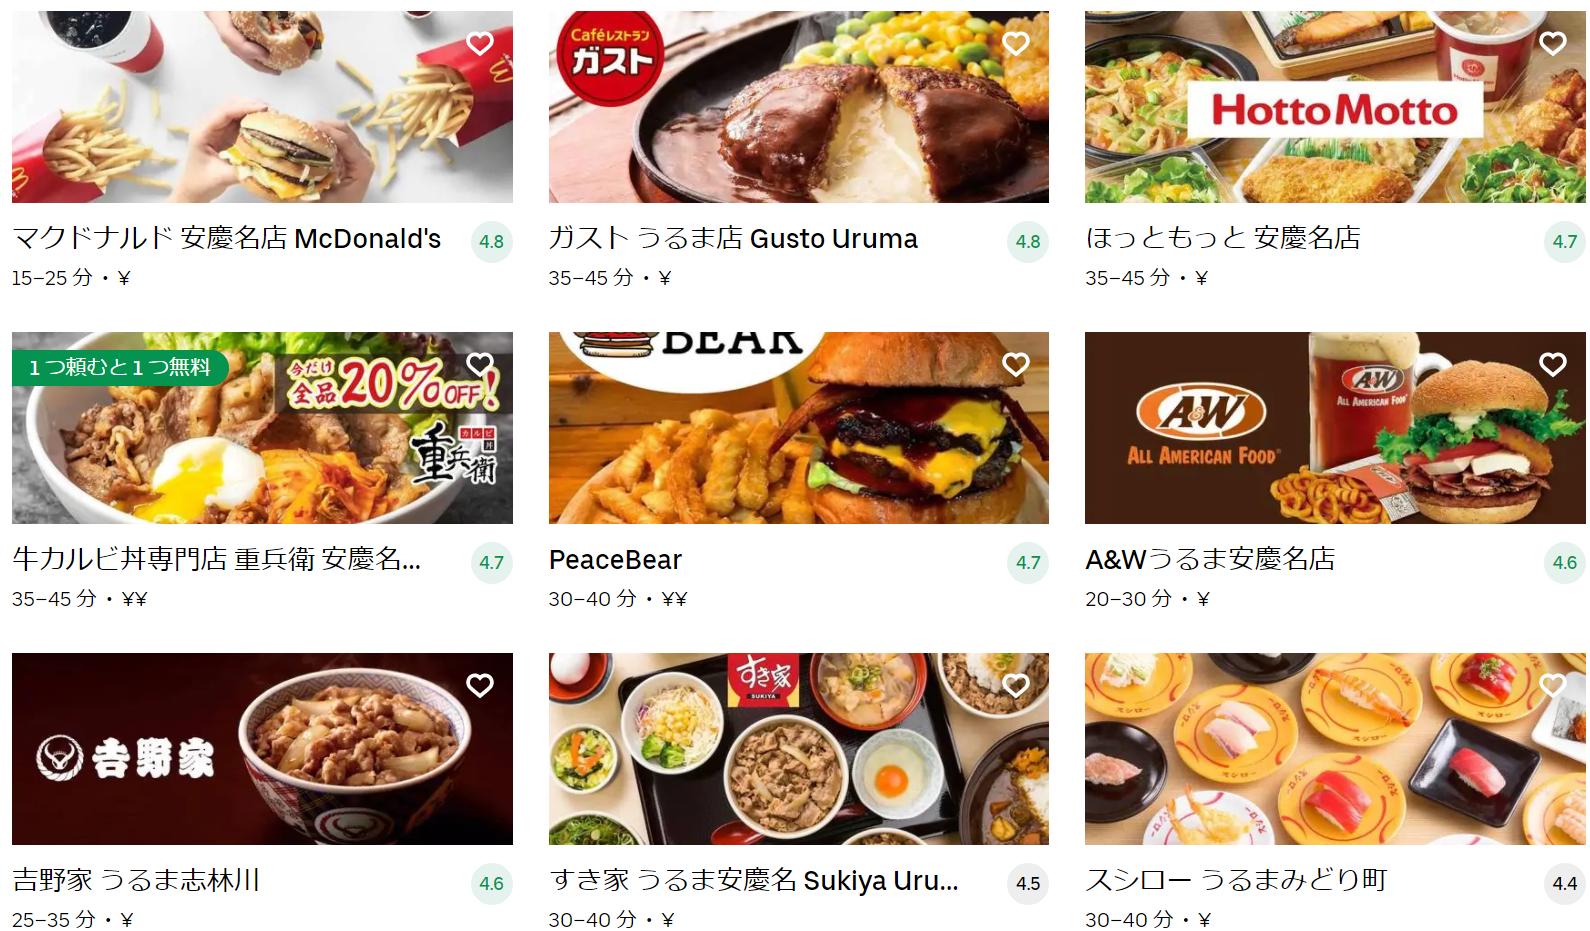 沖縄県うるま市エリアのおすすめUber Eats(ウーバーイーツ)メニュー